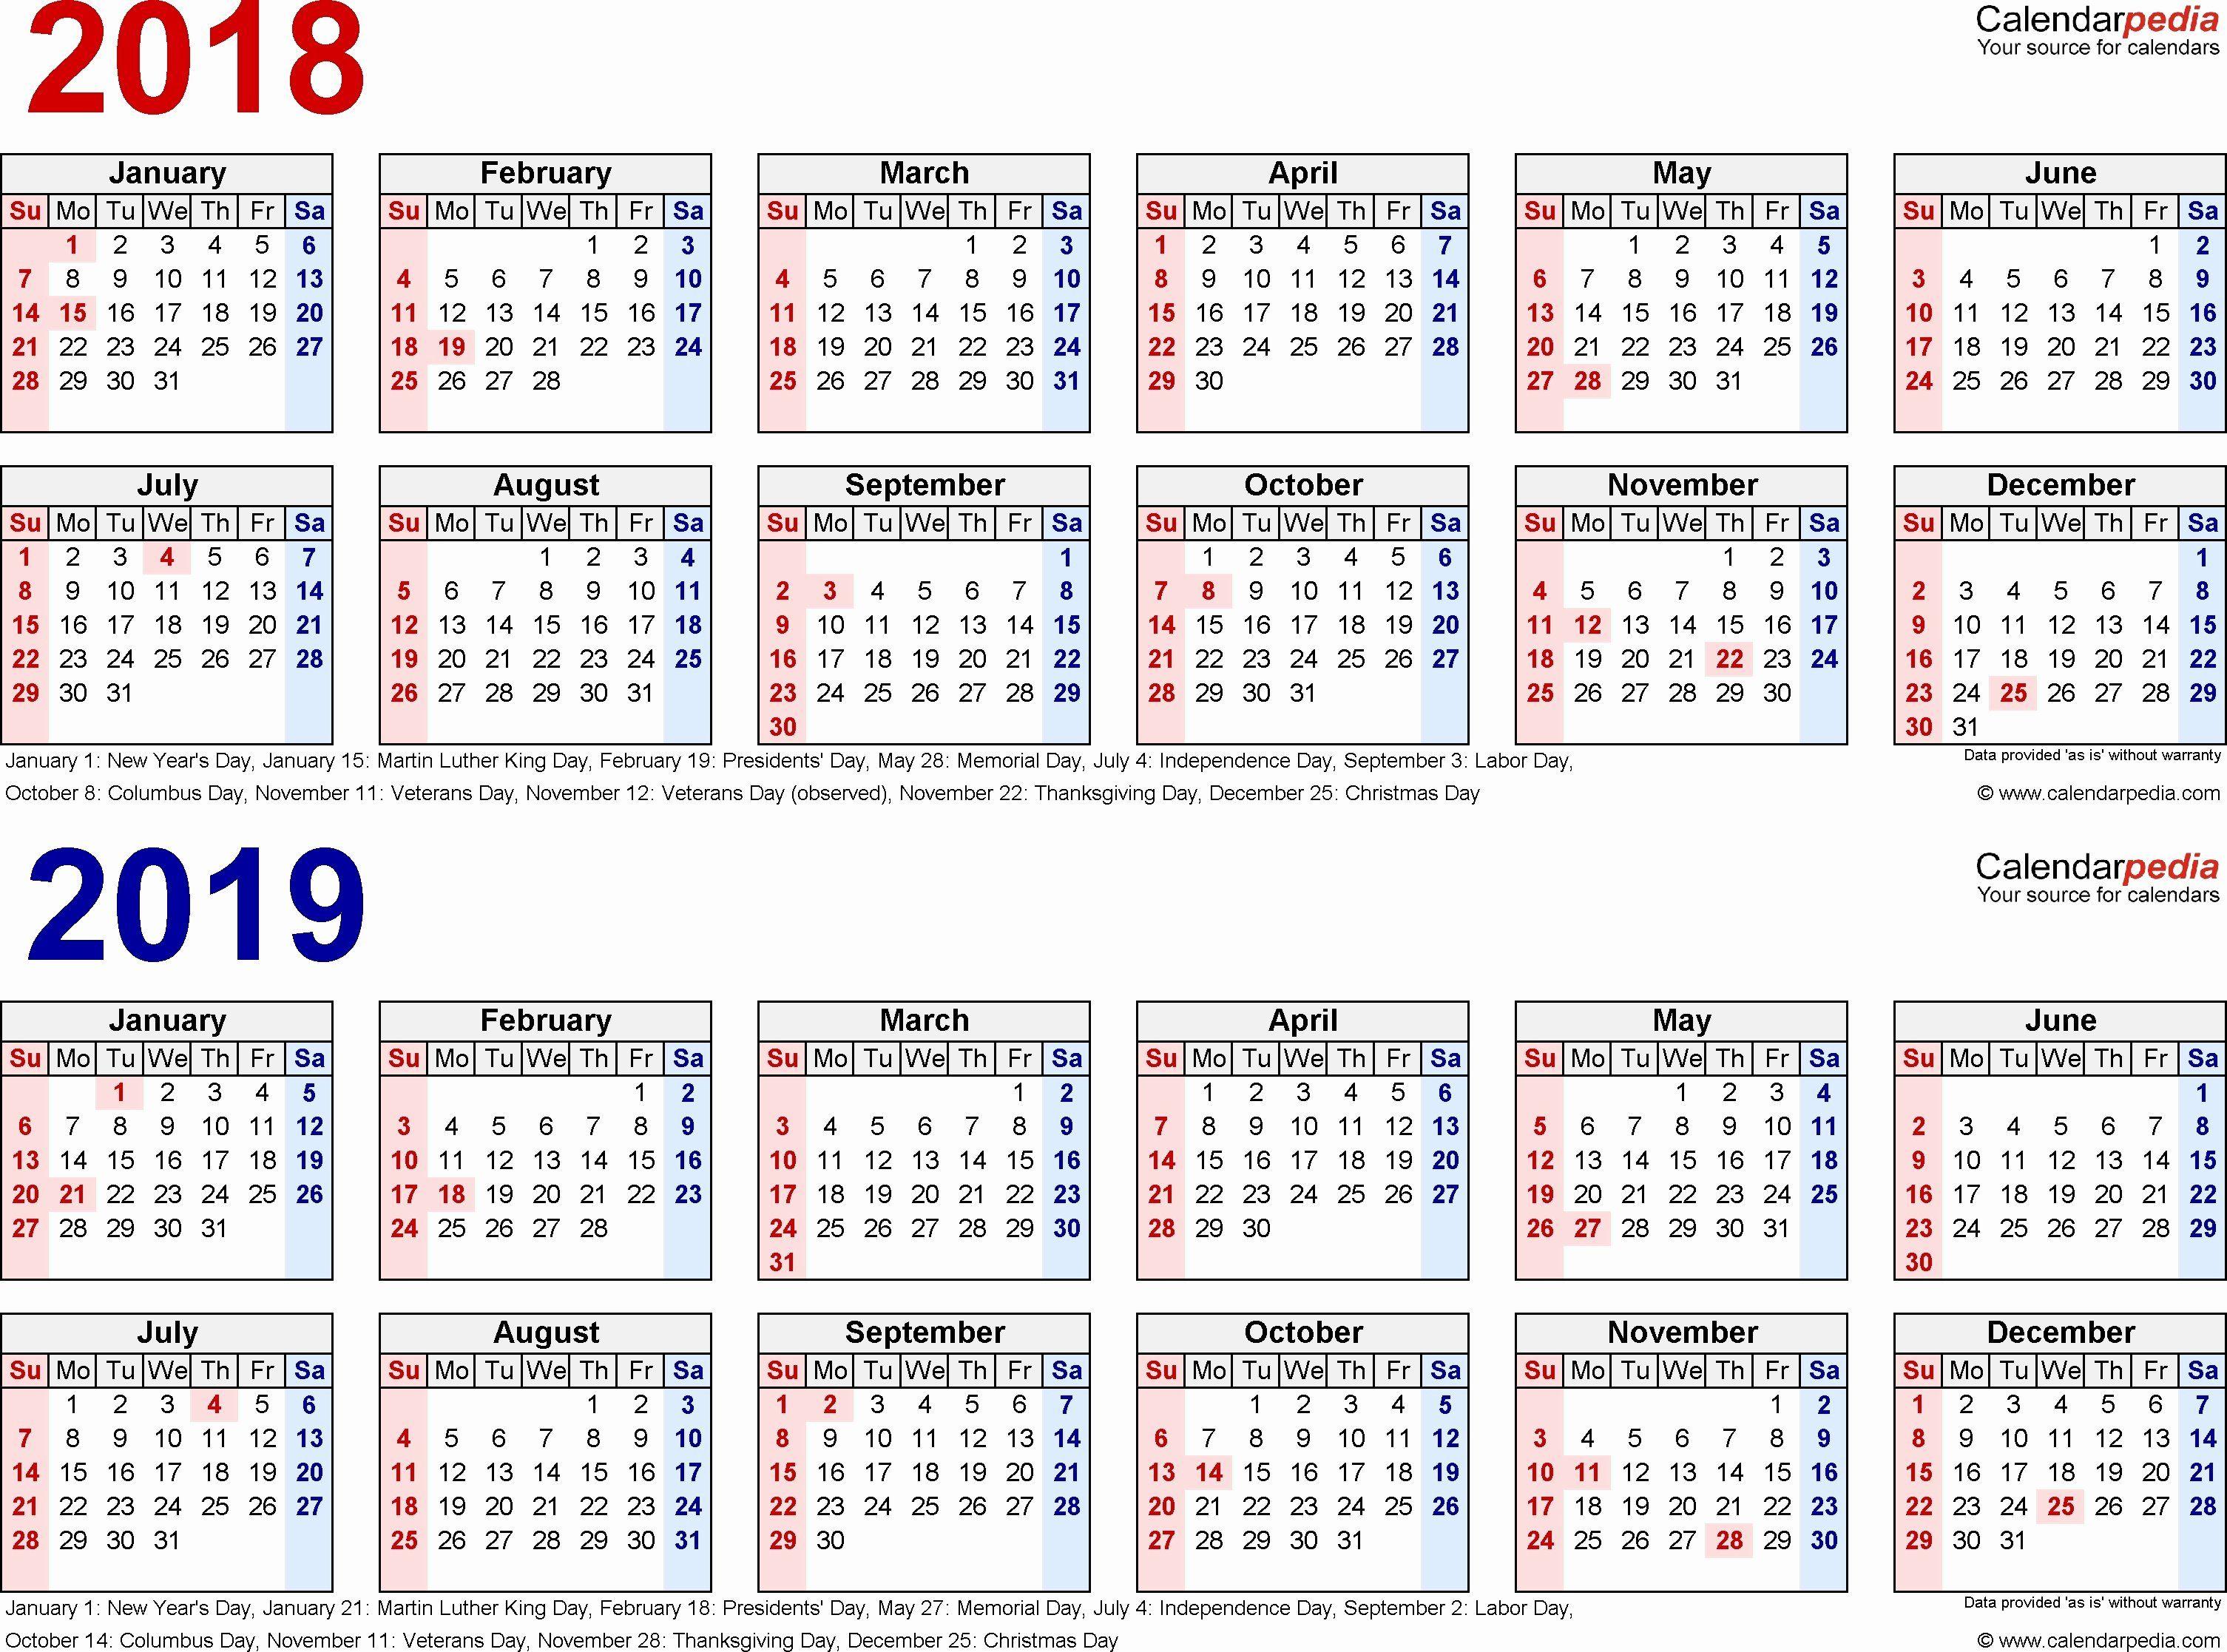 2019 Biweekly Payroll Calendar Template Lovely Pay Period Calendar 2019